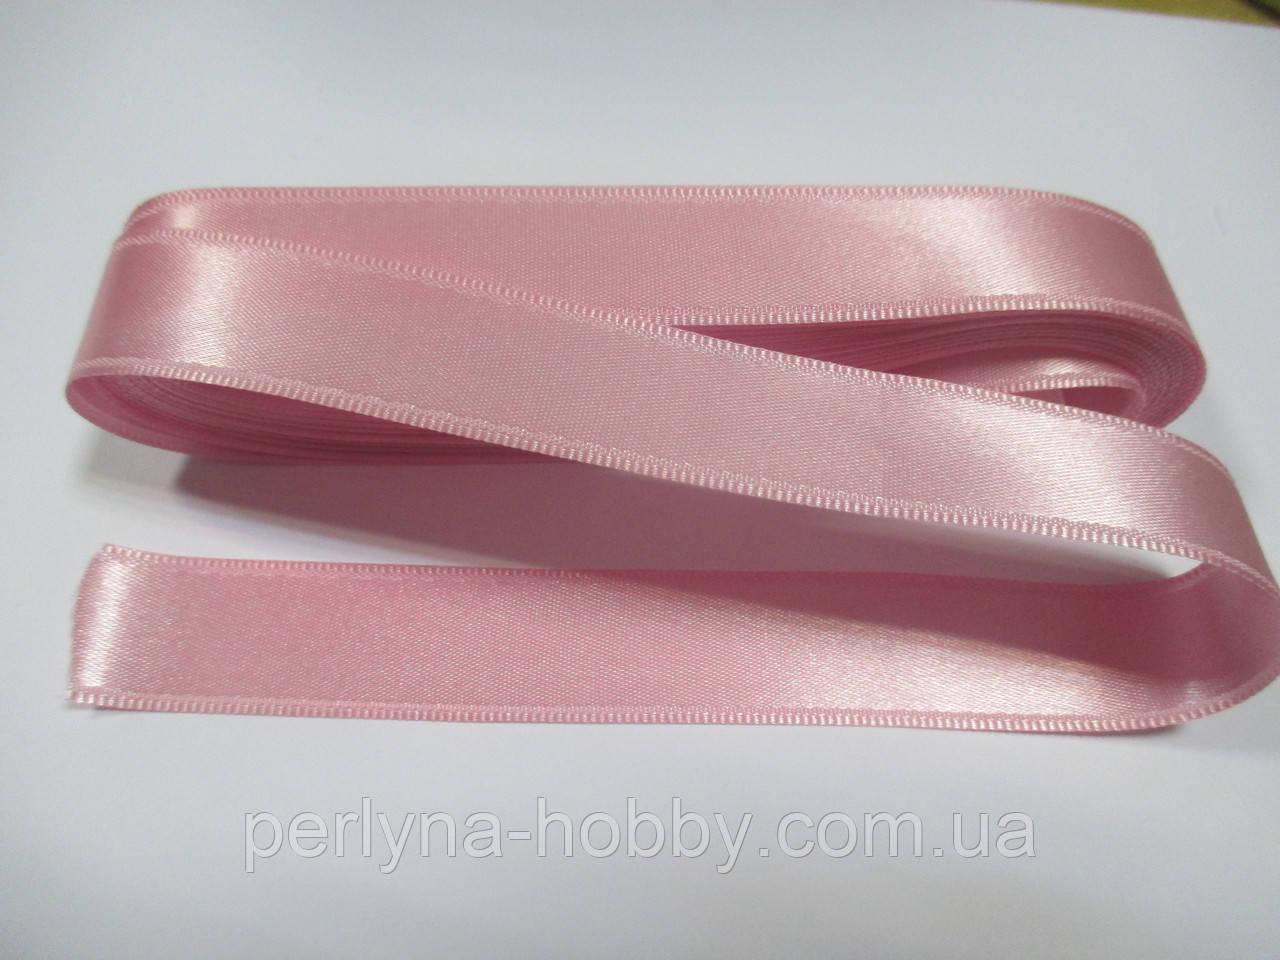 Стрічка атласна  двостороння 2 см ( 10 метрів) рожева світла Н 019 (18)